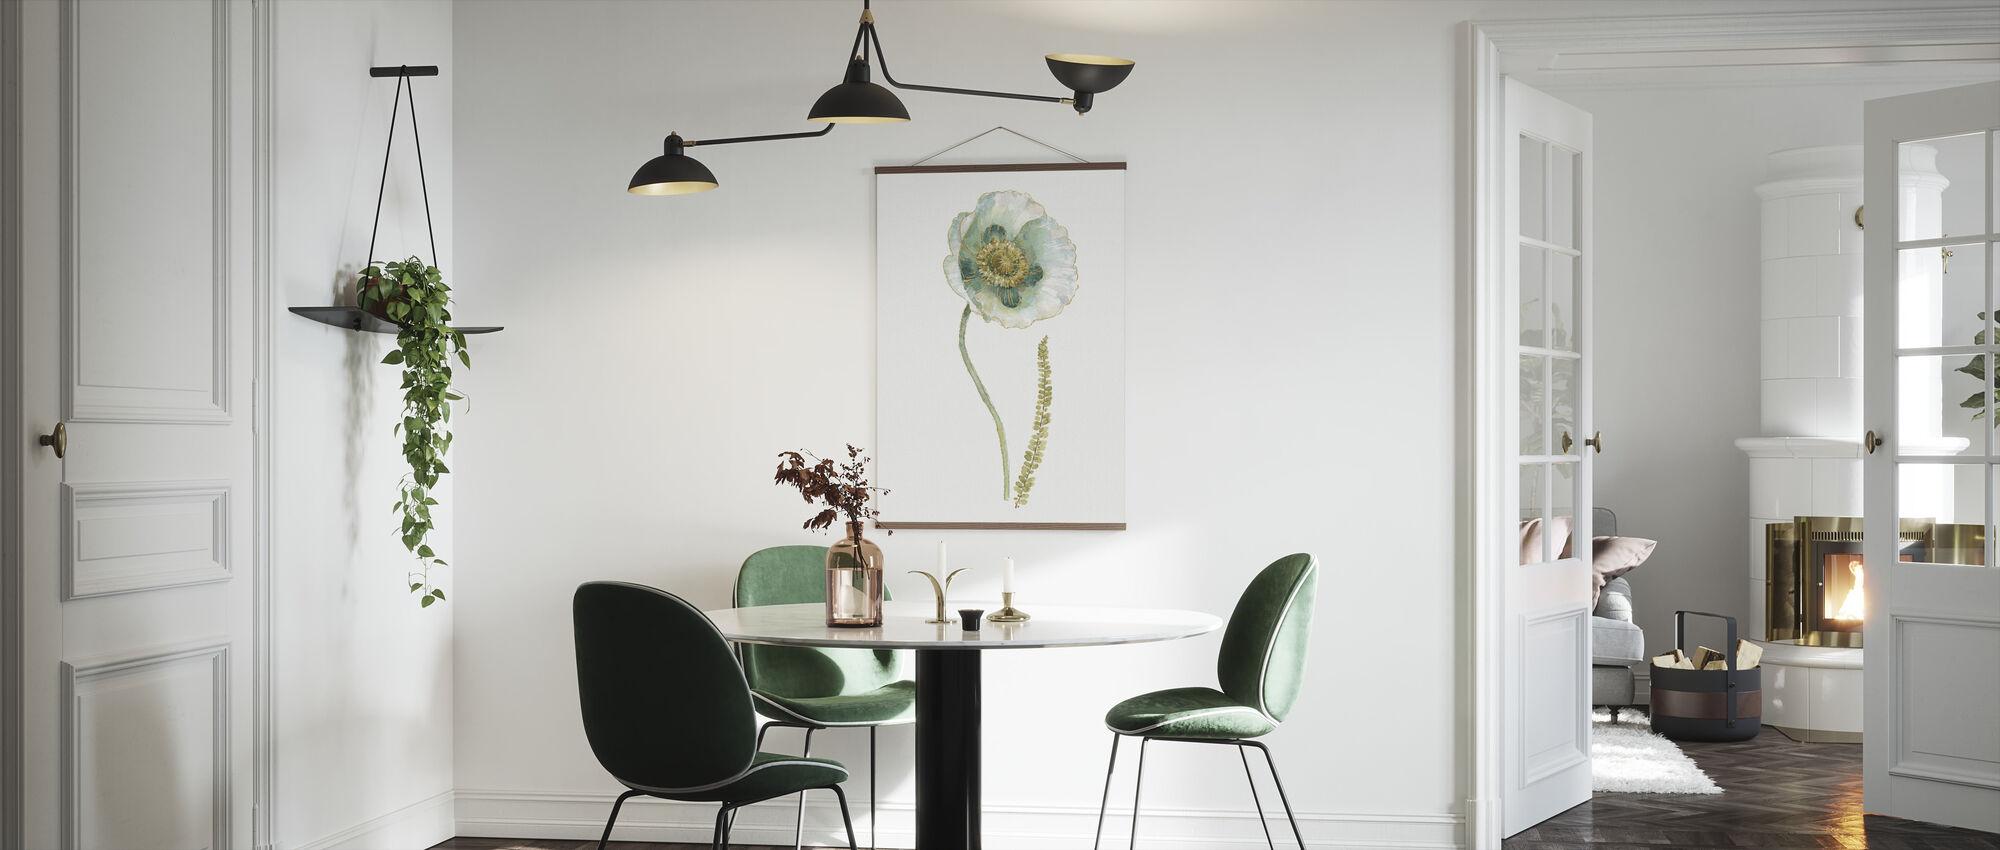 Min drivhus enkelt Valmue I - Plakat - Køkken